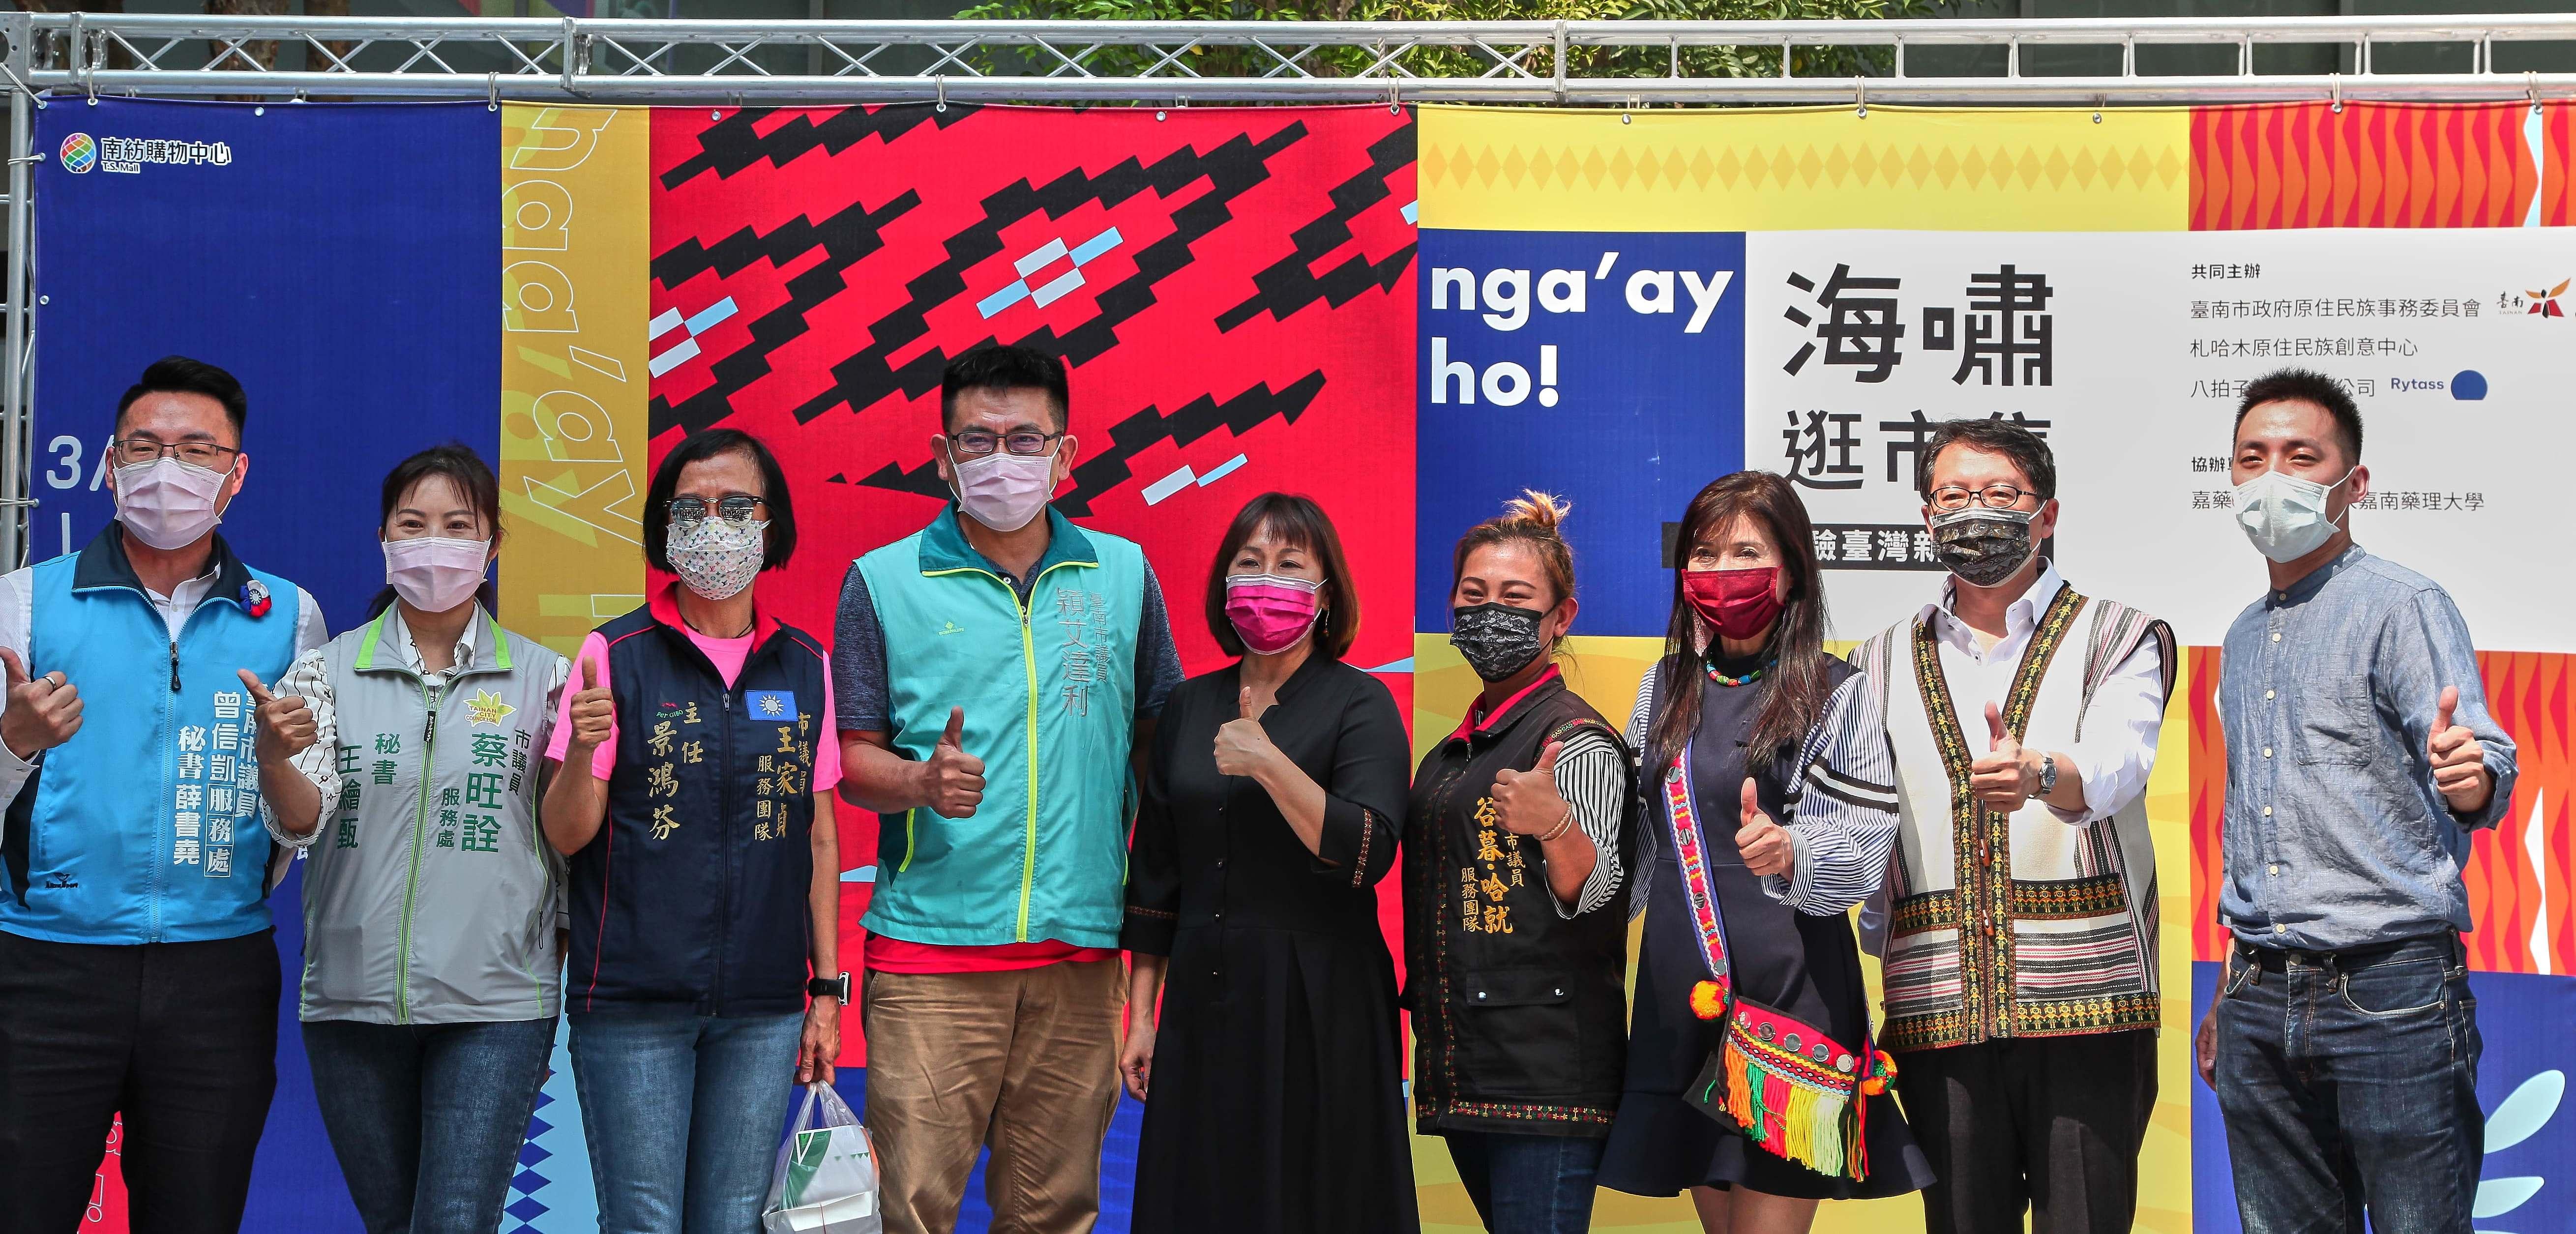 海嘯逛市集,藝起體驗台灣新鮮事